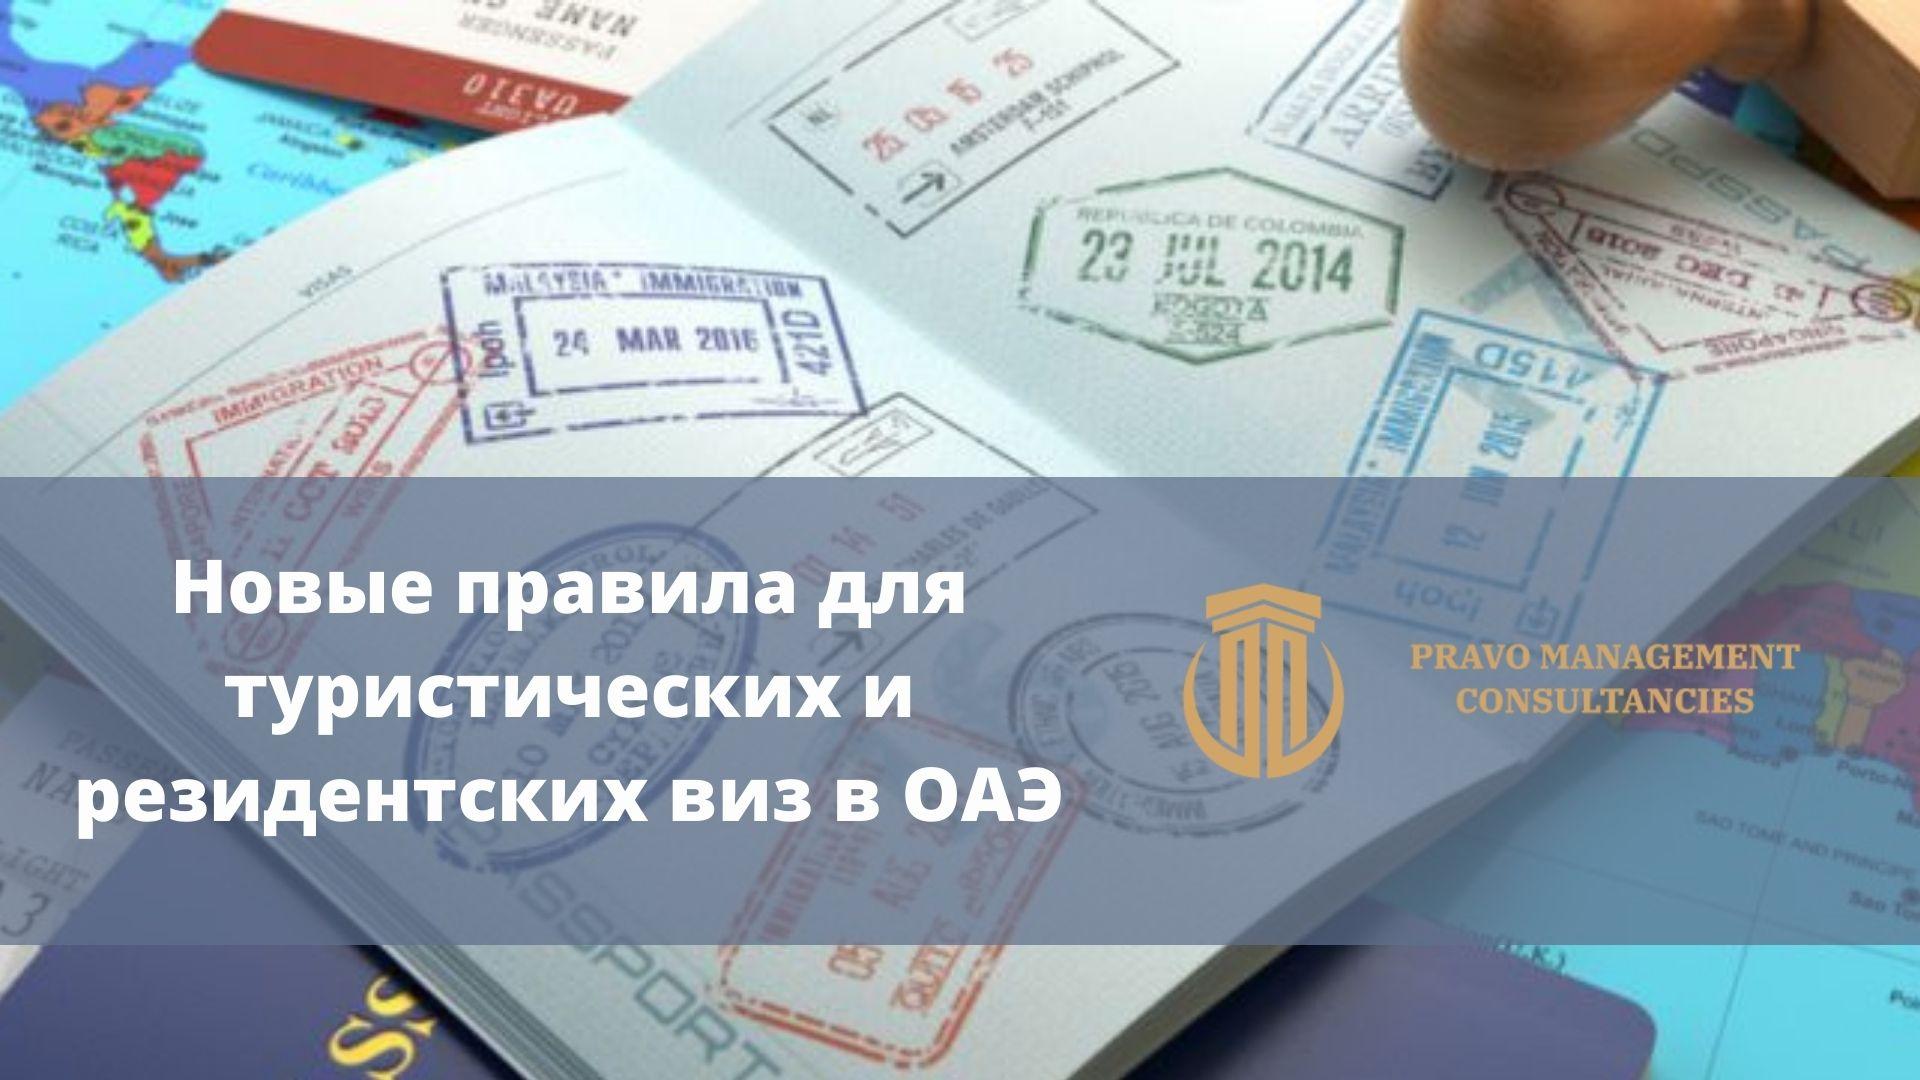 Новые правила для туристических и резидентских виз в ОАЭ